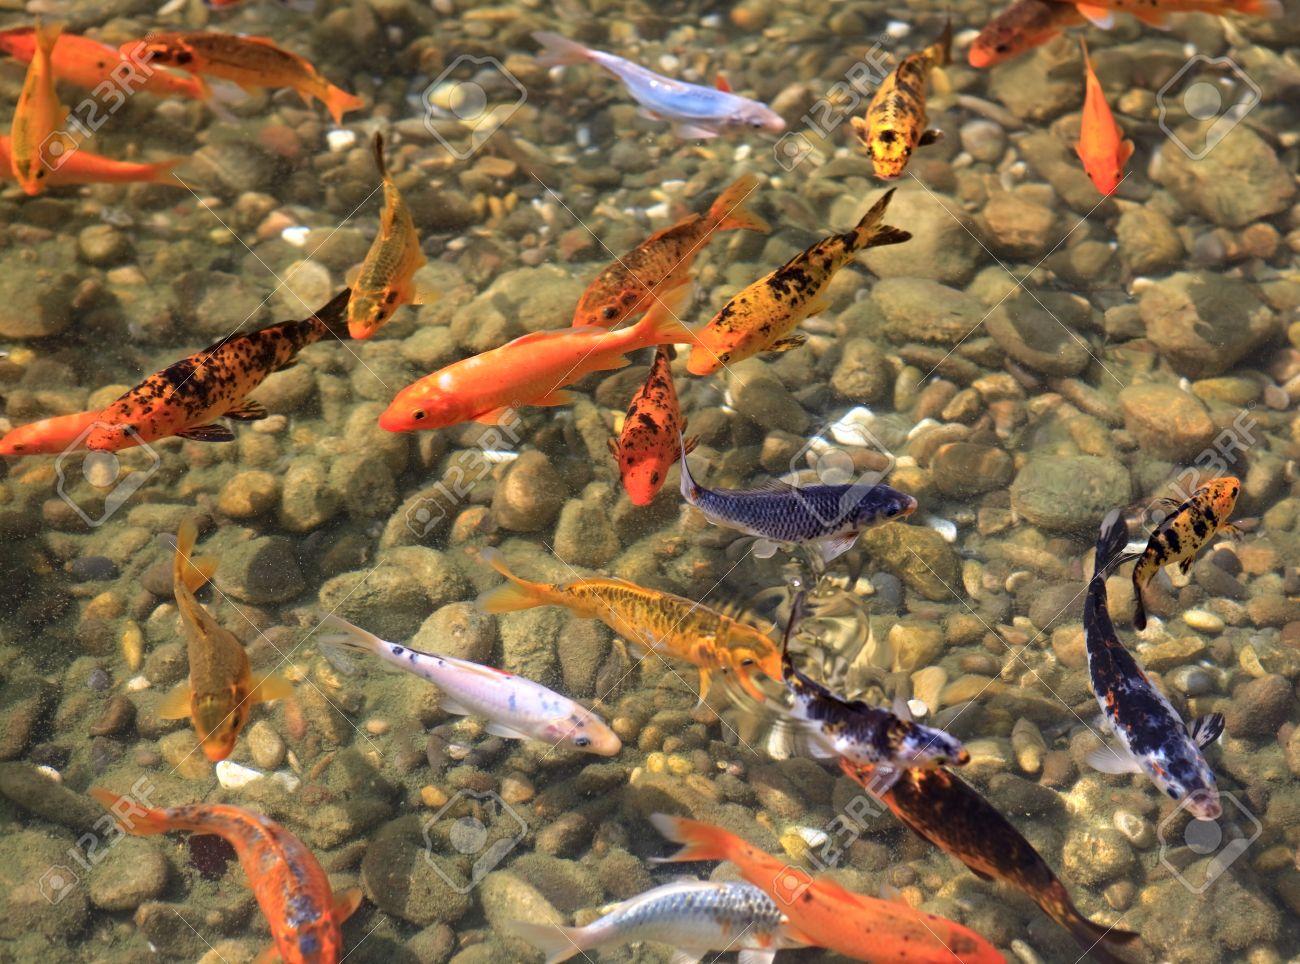 carpa koi los peces para el estanque foto de archivo